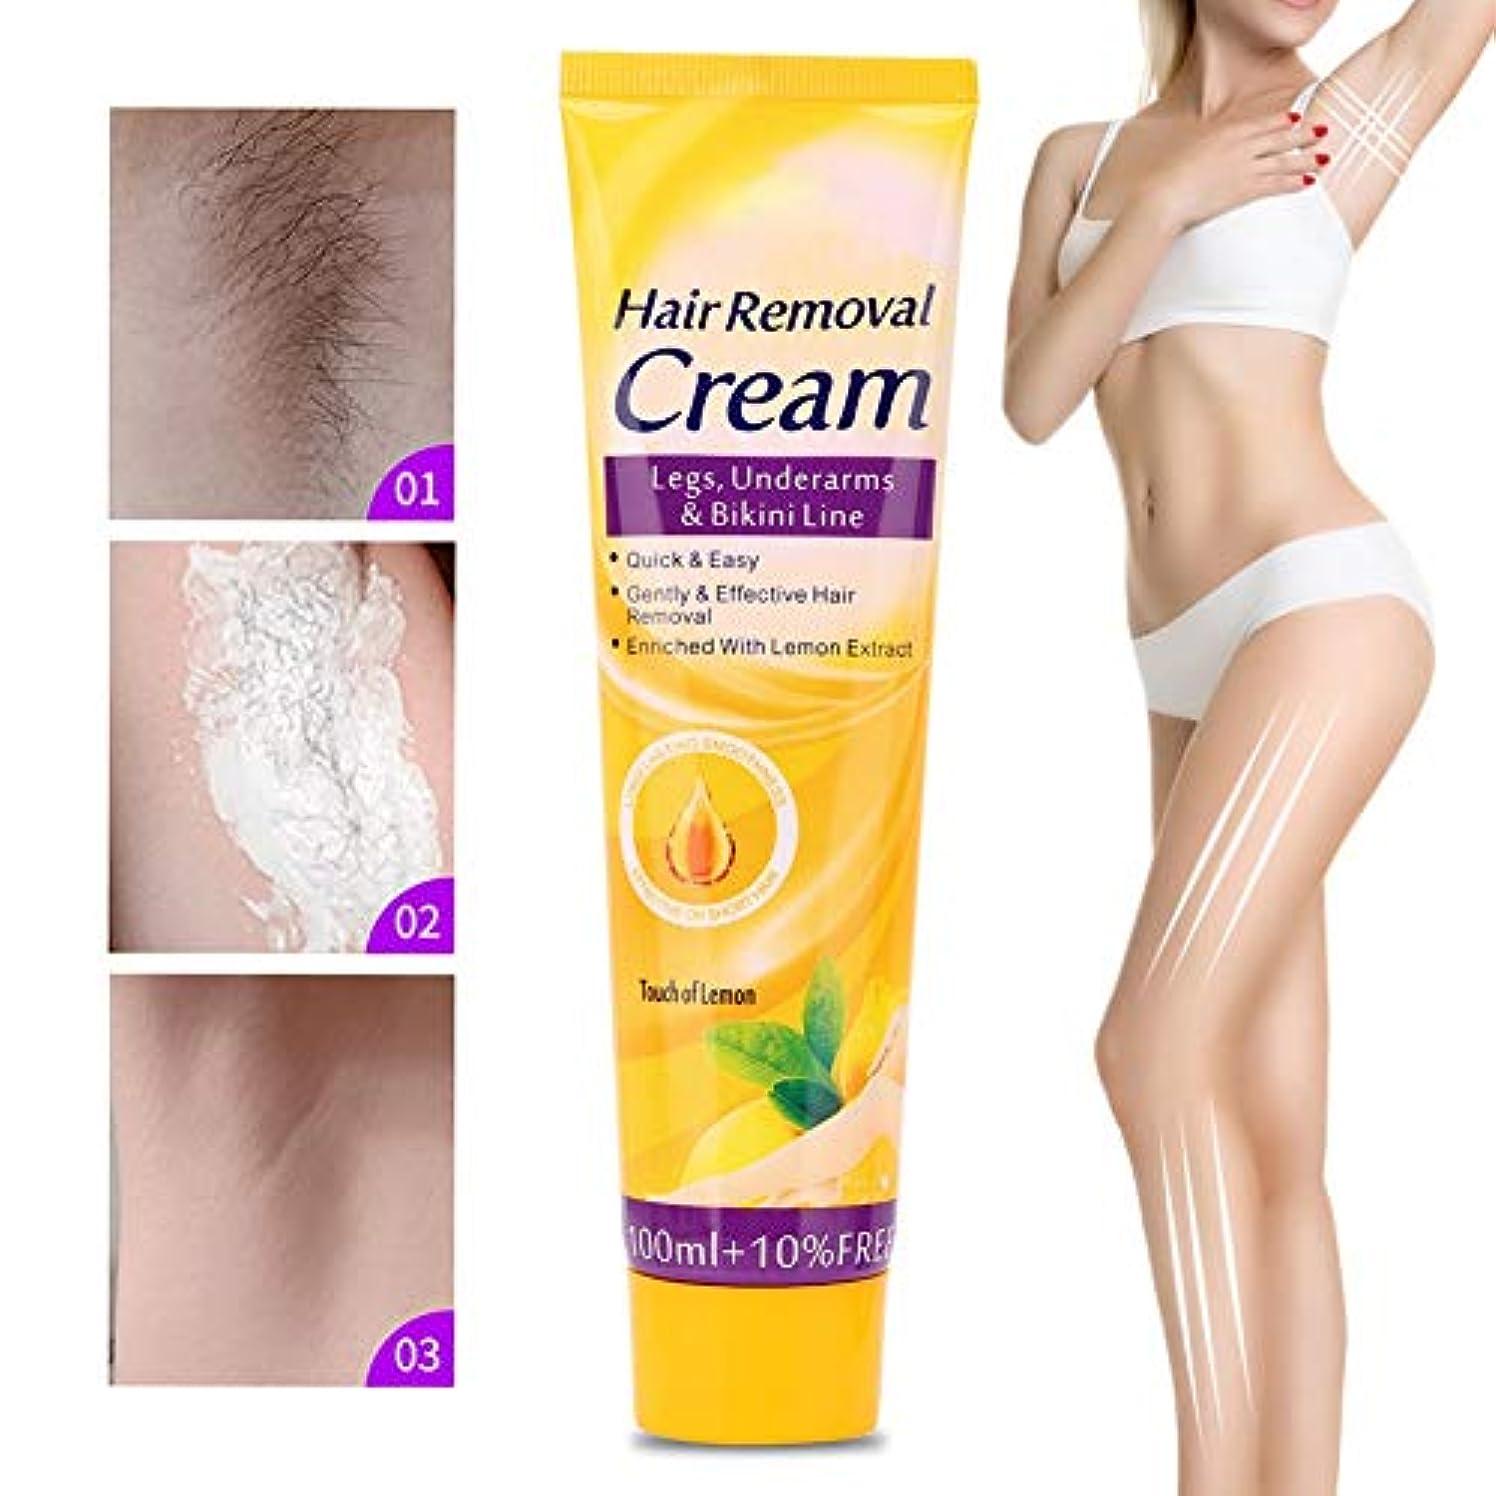 スキャンダラスつば便宜男女兼用の脱毛クリーム、穏やかな痛みのない安全な脱毛クリームを使用するのに便利簡単に太い髪の除去脚の腕に使用される滑らかで柔らかい肌